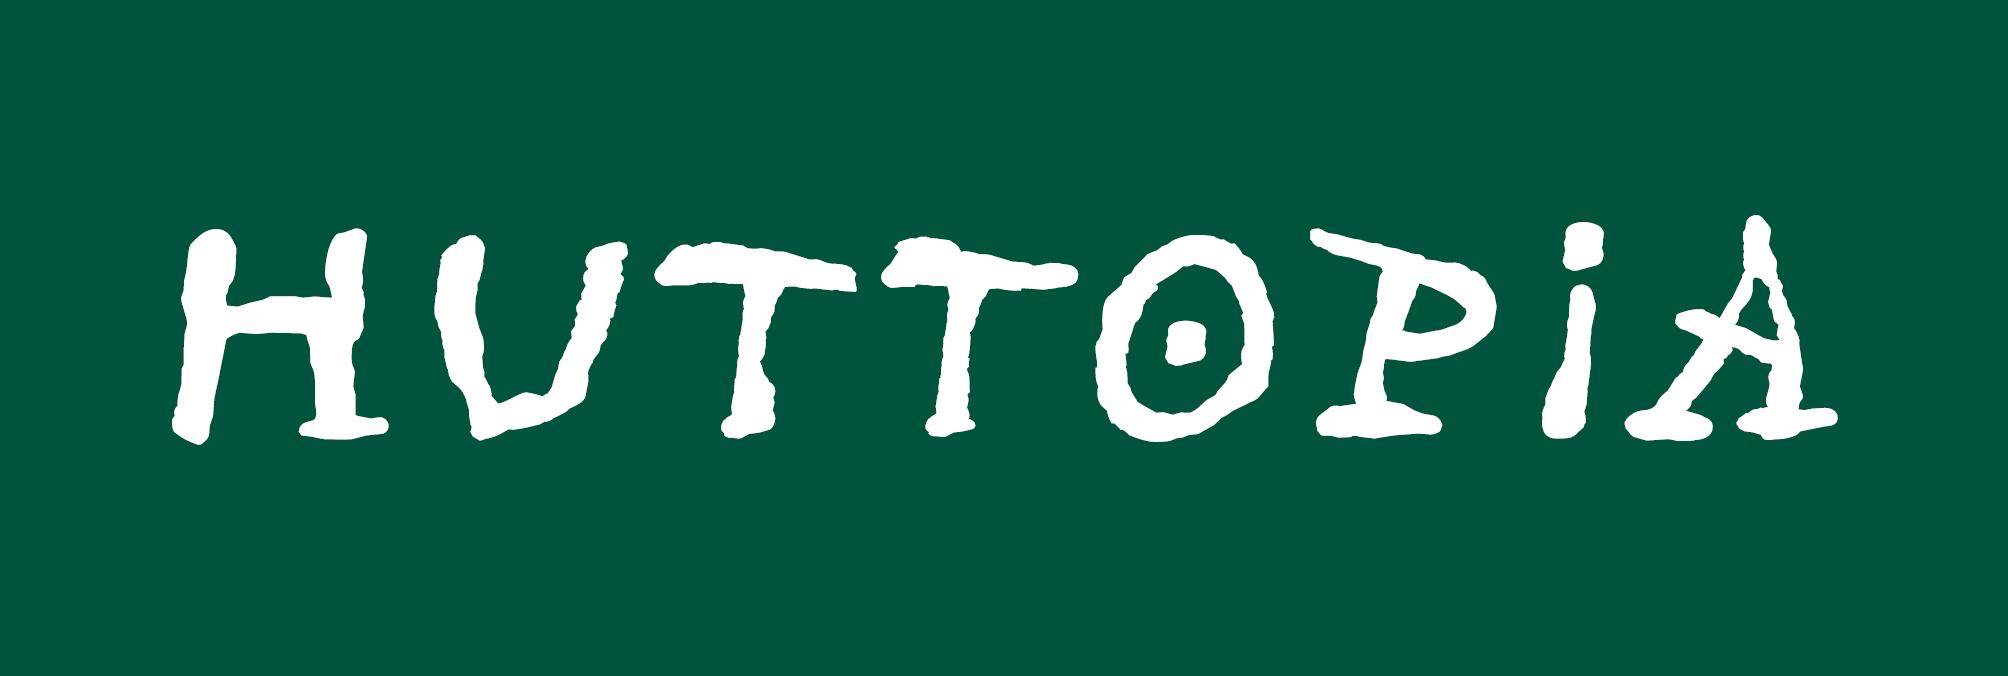 Huttopia Font-Romeu